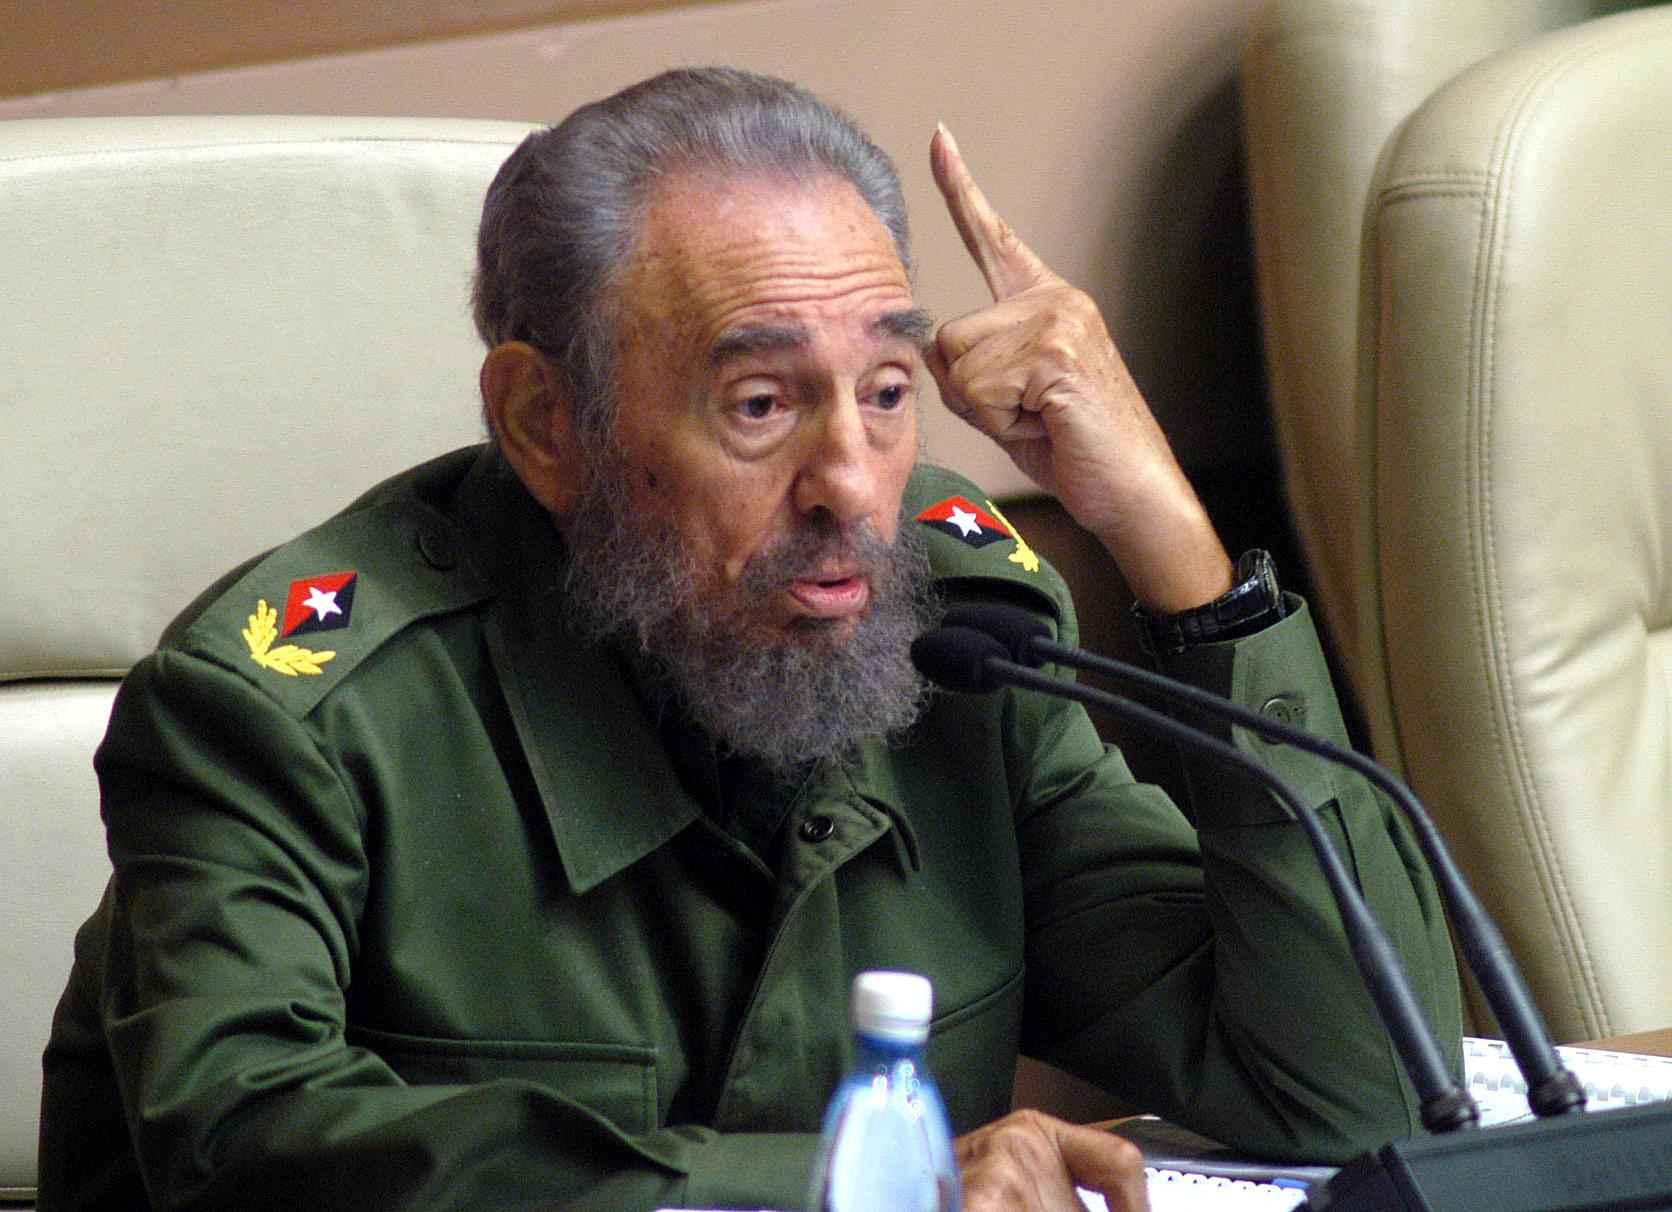 Les Cubains orphelins de Fidel Castro, une page d'Histoire se tourne